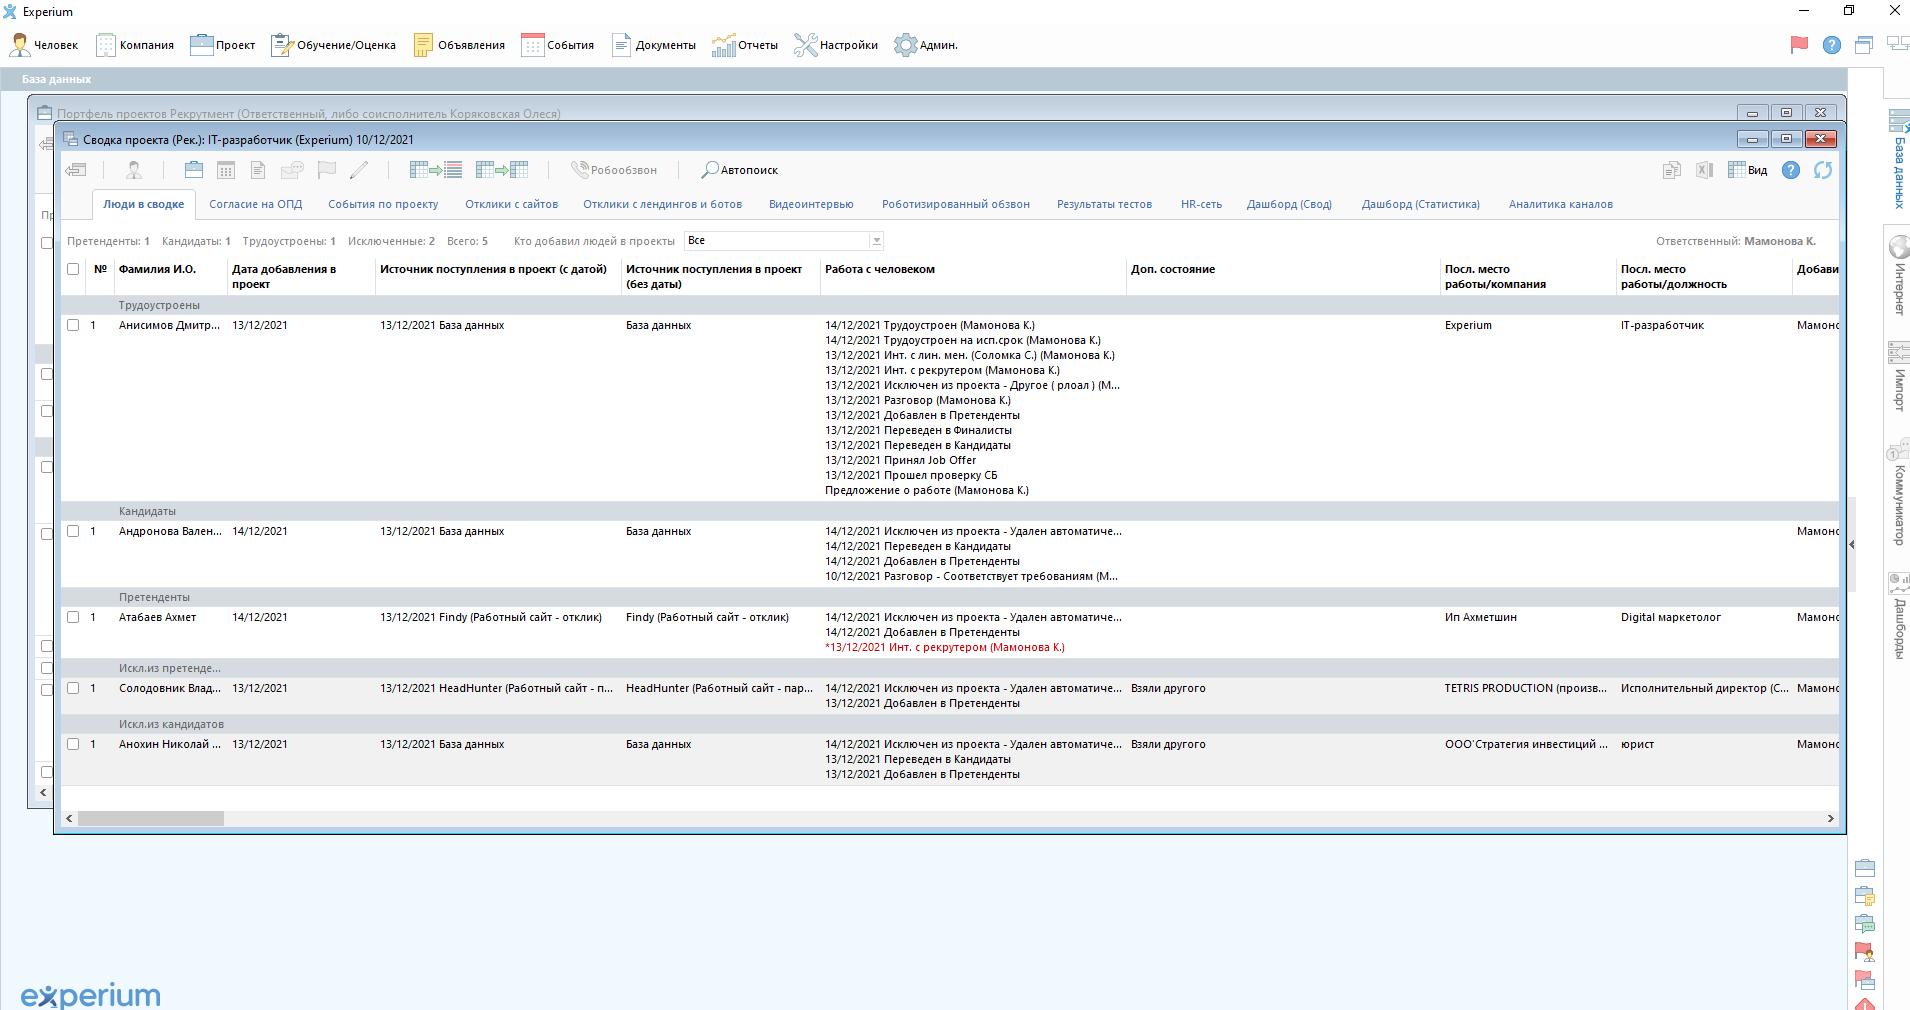 Просмотр списка кандидатов для выбранной вакансии в программном продукте Experium